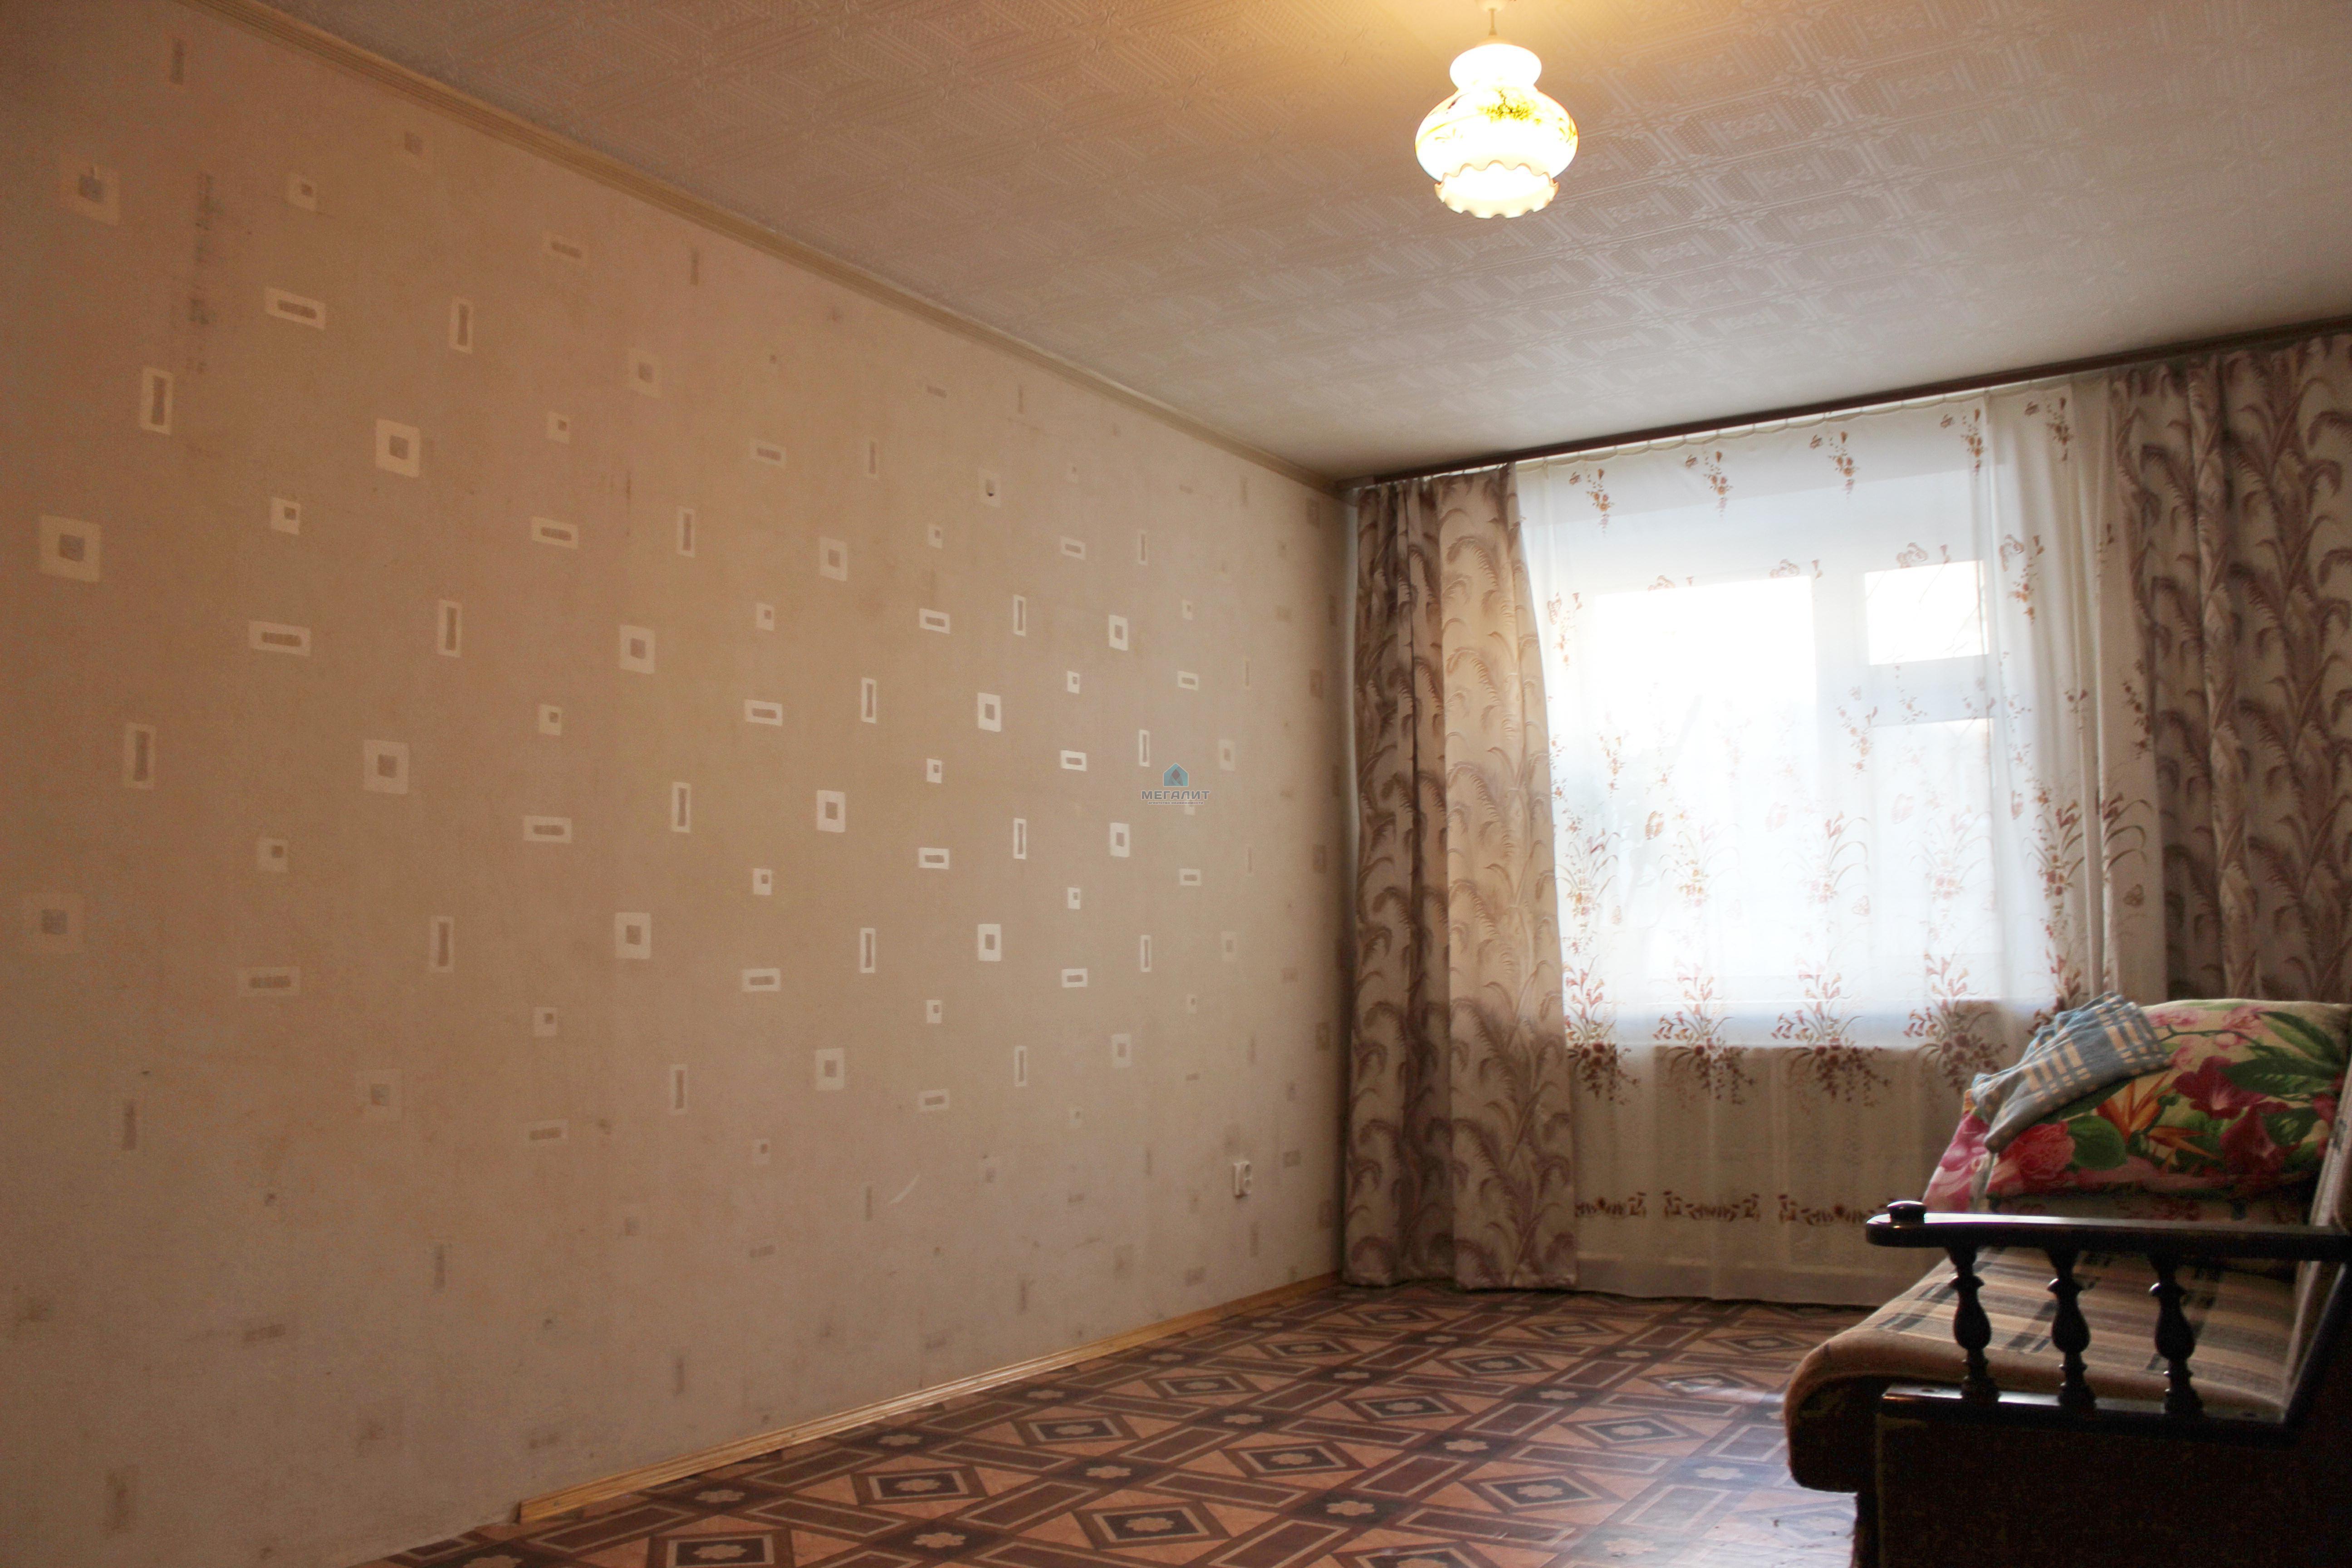 Продажа 2-к квартиры Толбухина 21, 50 м2  (миниатюра №5)